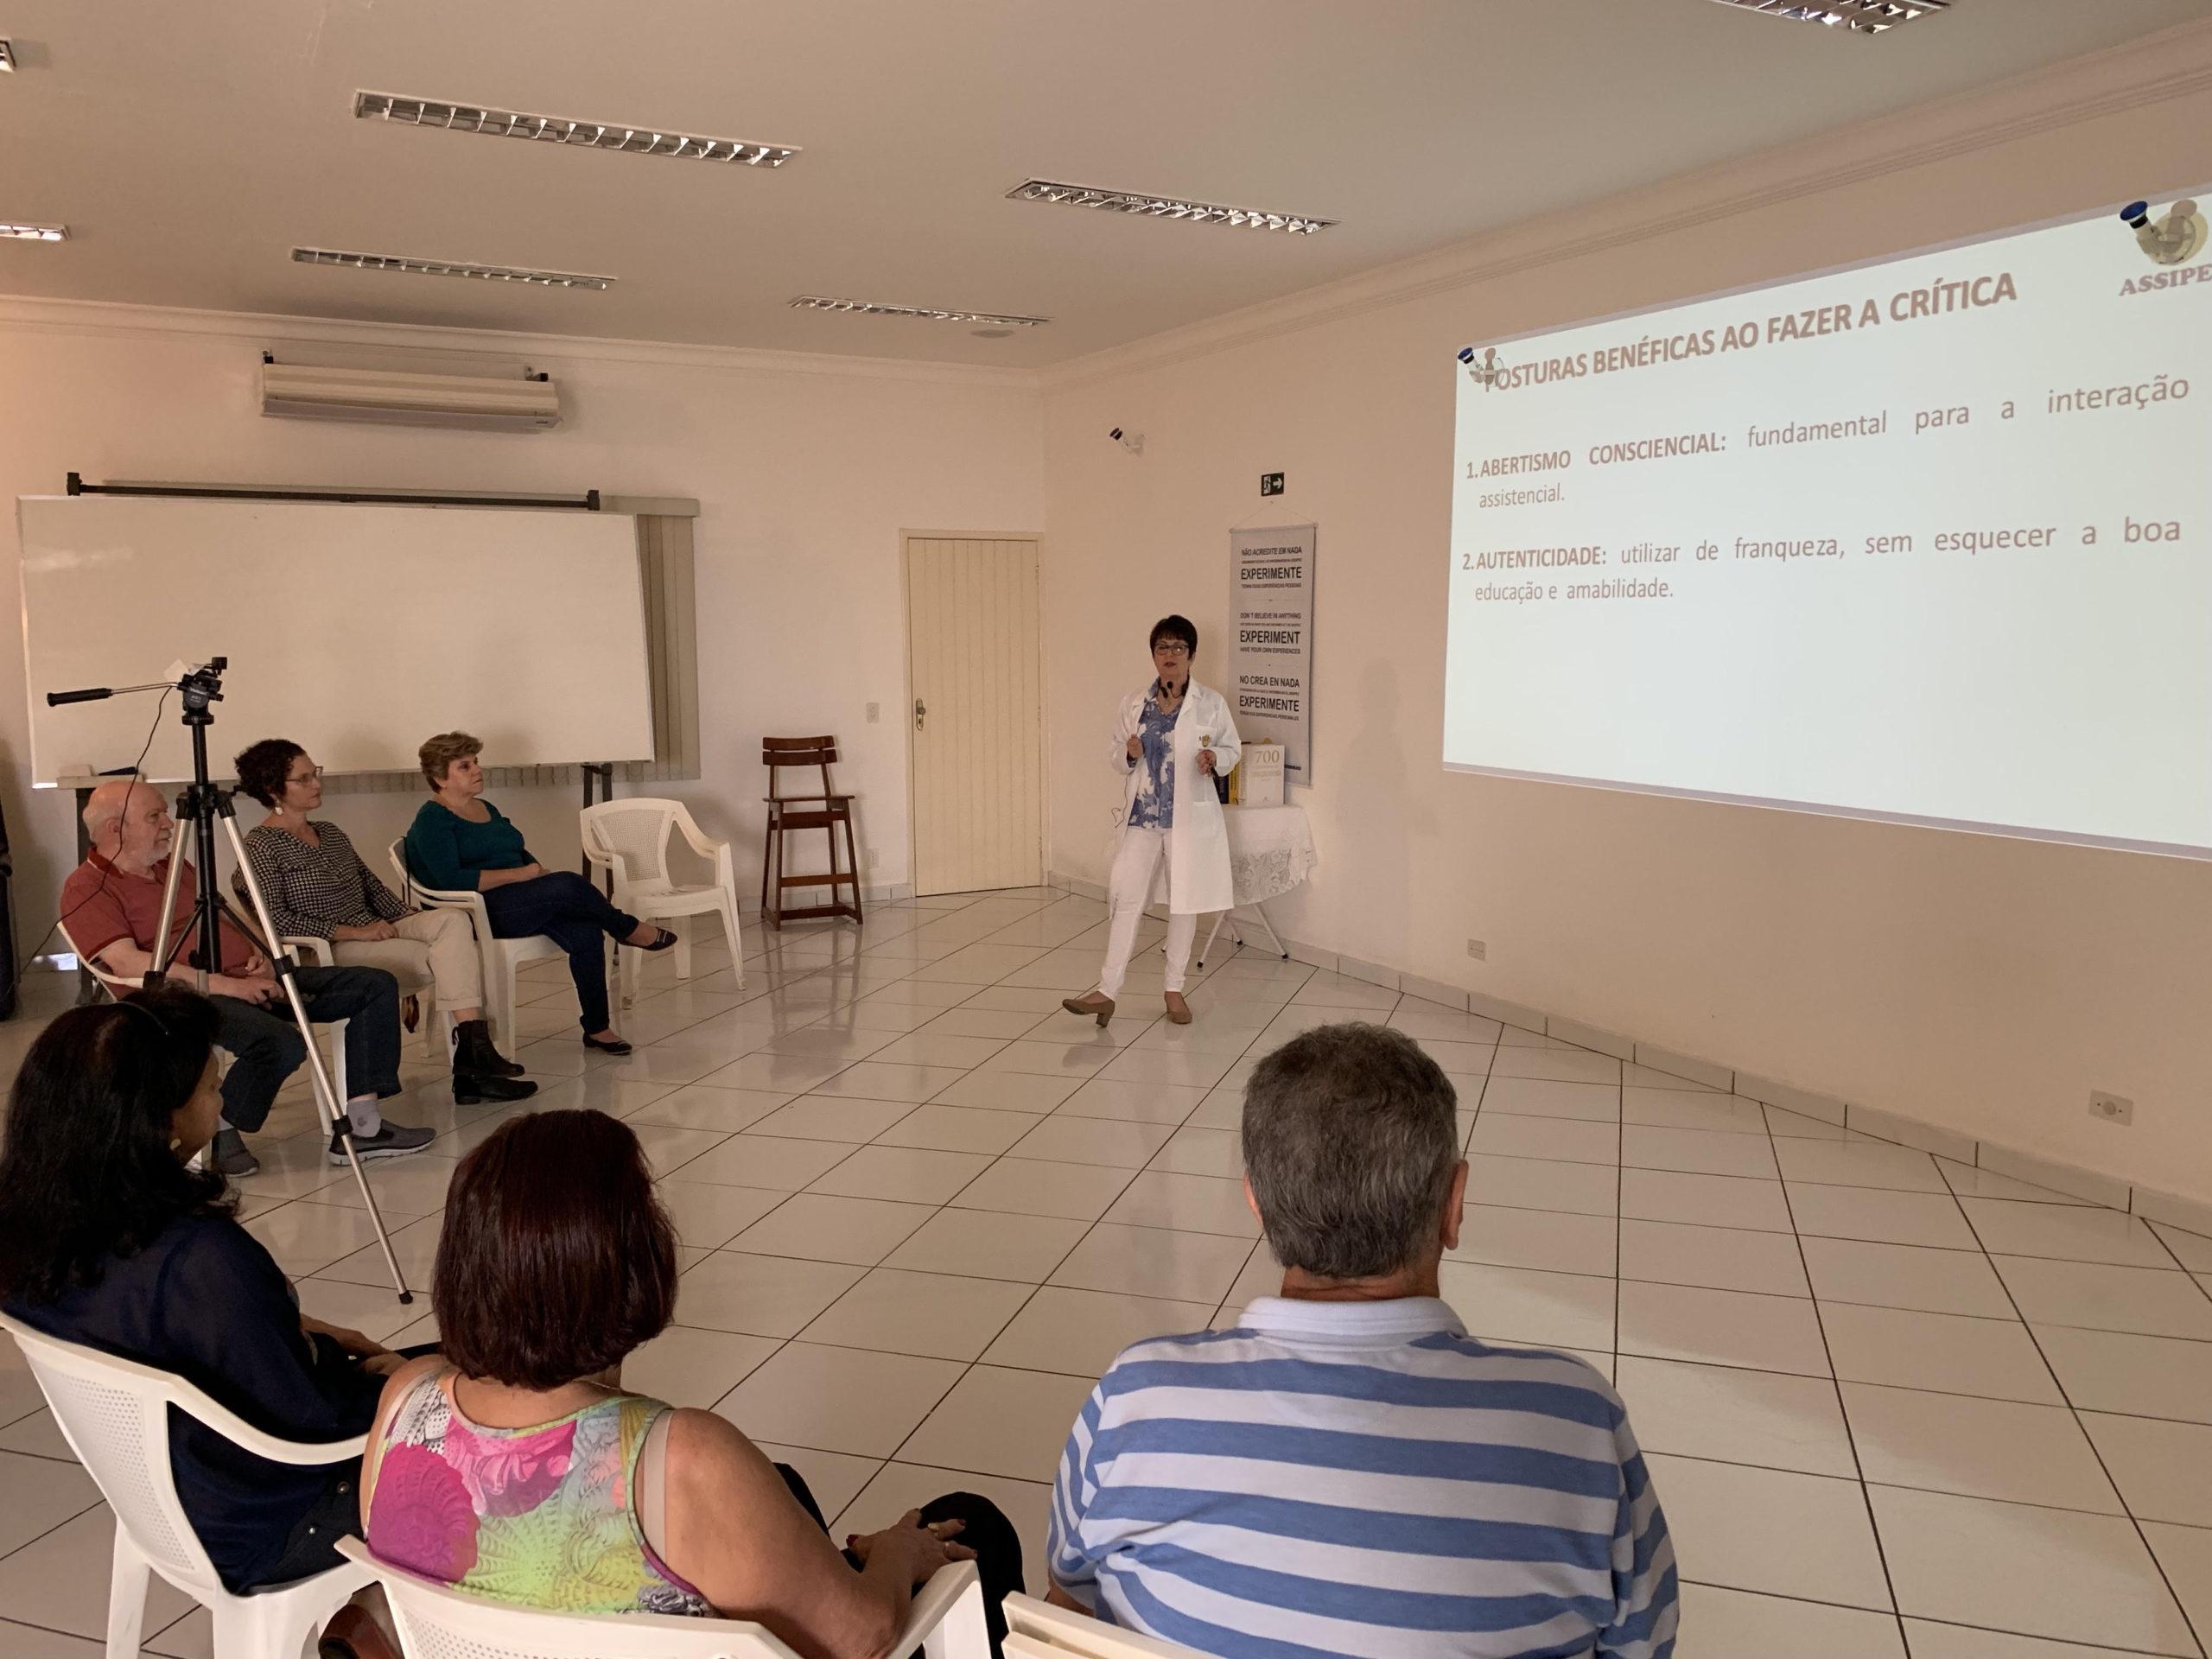 30/06/2019 – PALESTRA O EXERCÍCIO DO DISCERNIMENTO AO FAZER OU RECEBER CRÍTICAS